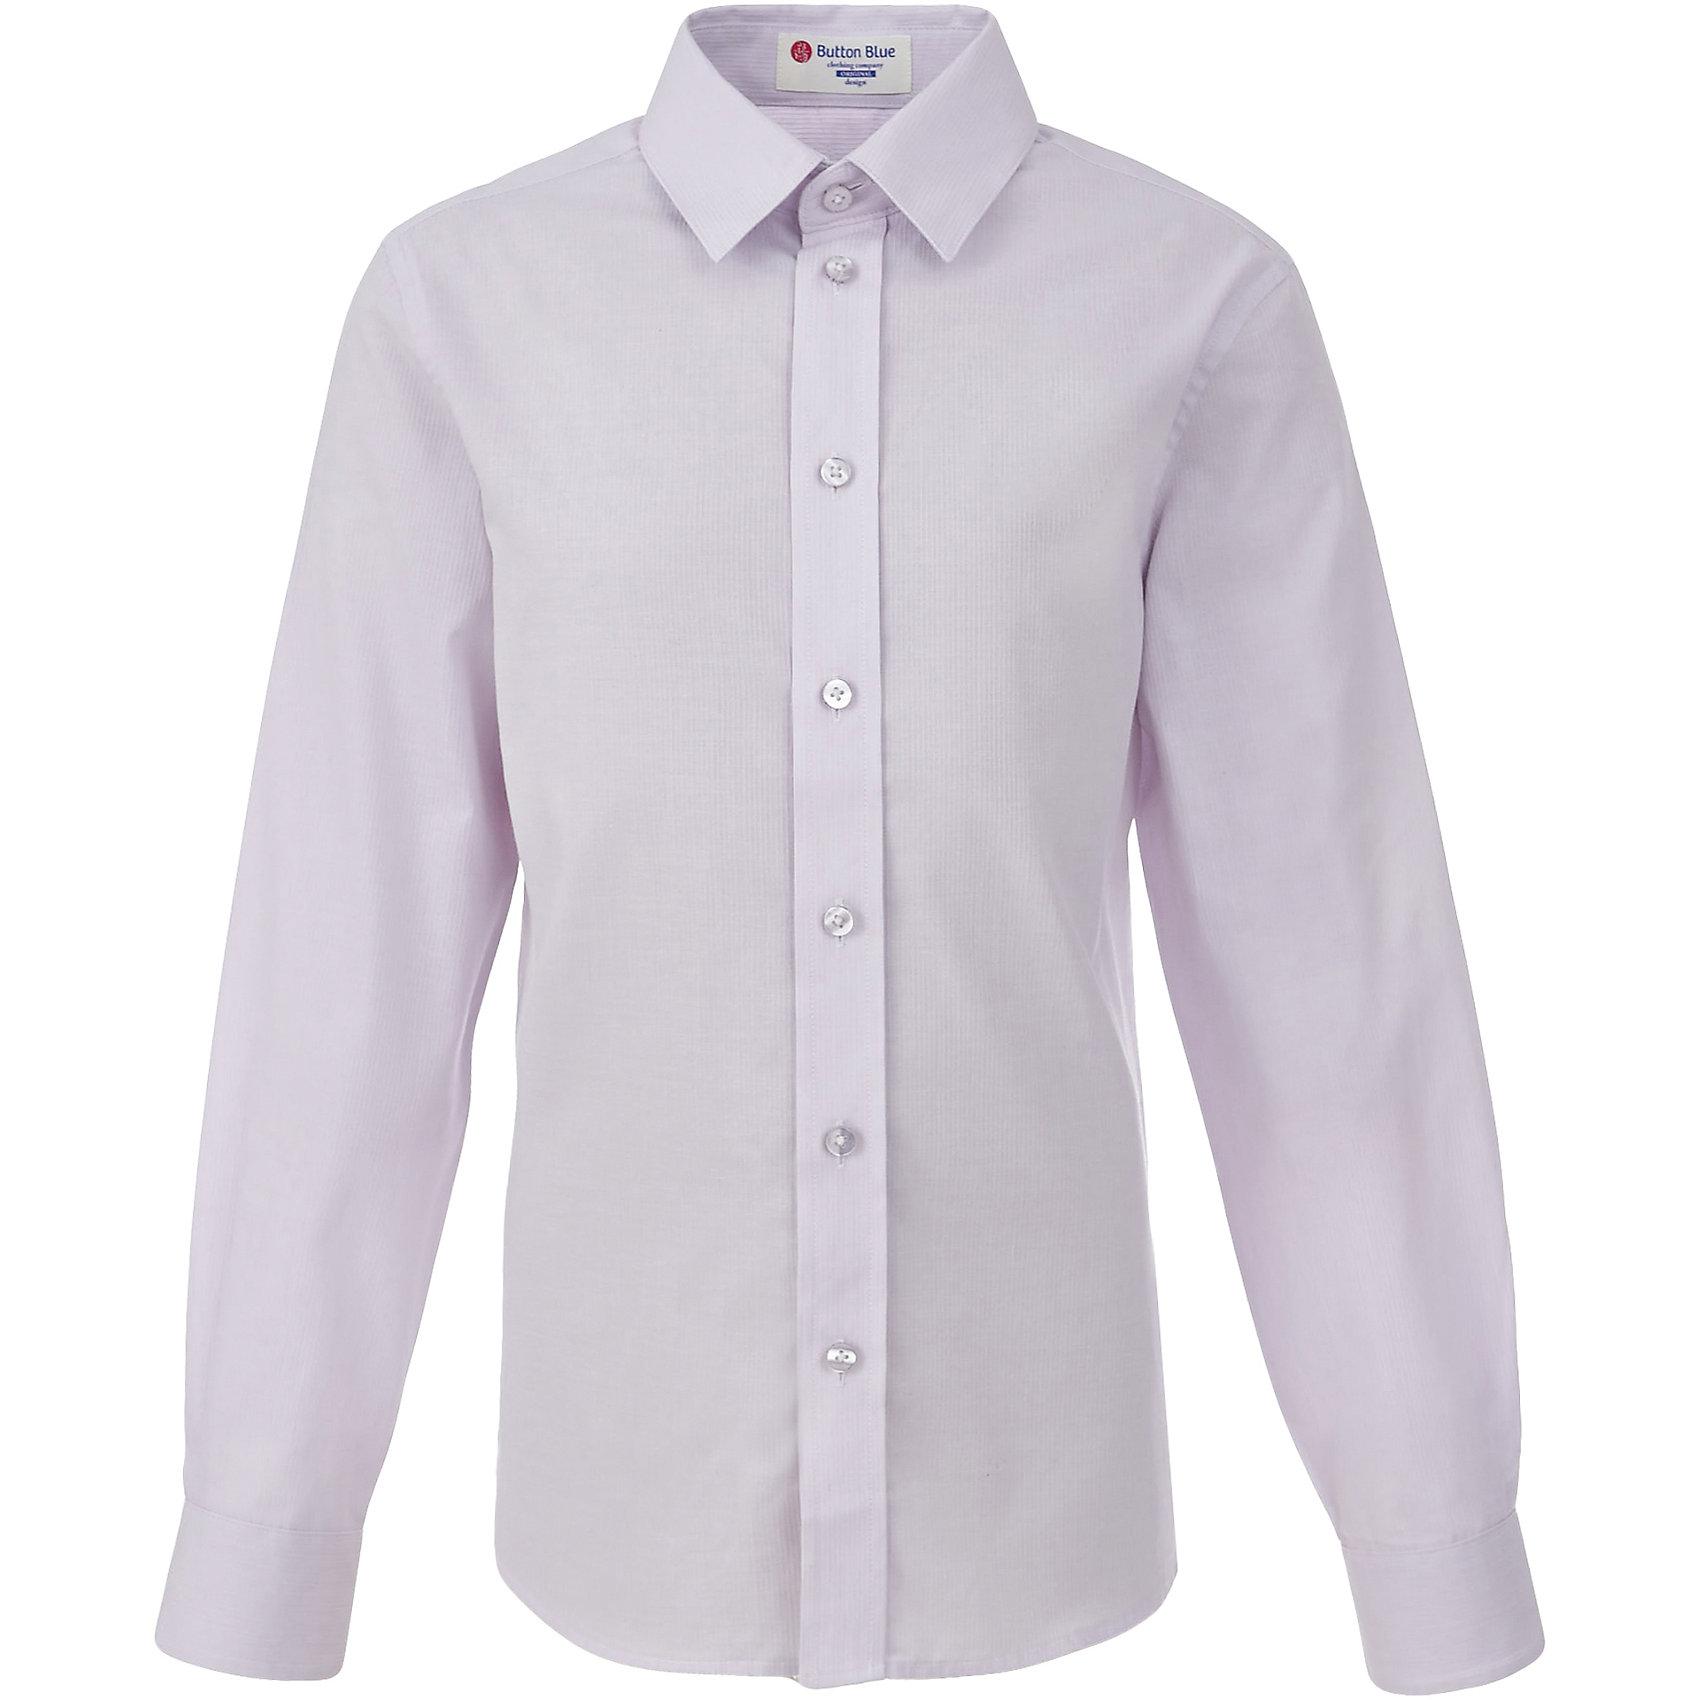 Рубашка для мальчика BUTTON BLUEБлузки и рубашки<br>Рубашка для мальчика BUTTON BLUE<br>Рубашка для мальчика - основа повседневного школьного образа! Школьные рубашки от Button Blue - это качество и комфорт, отличный внешний вид, удобство в уходе, высокая износостойкость. Какая детская рубашка для школы займет место в гардеробе вашего ребенка - зависит только от вас! Готовясь к школьному сезону, вам стоит купить рубашки в трех-четырех цветах, чтобы разнообразить будни ученика.<br>Состав:<br>60% хлопок                40% полиэстер<br><br>Ширина мм: 174<br>Глубина мм: 10<br>Высота мм: 169<br>Вес г: 157<br>Цвет: фиолетовый<br>Возраст от месяцев: 156<br>Возраст до месяцев: 168<br>Пол: Мужской<br>Возраст: Детский<br>Размер: 158,146,152,164,122,128,134,140<br>SKU: 6739126